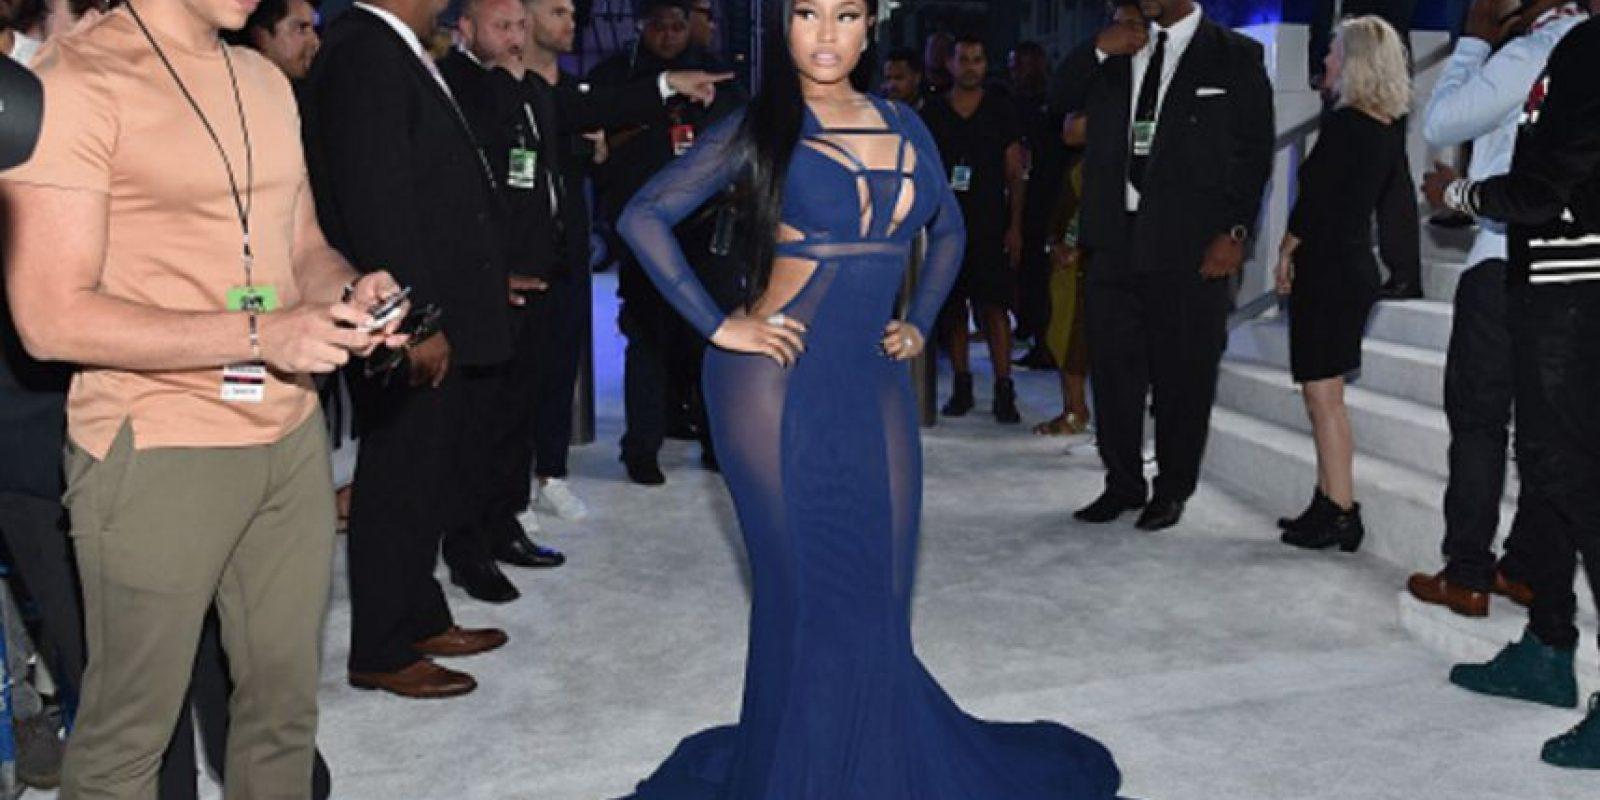 Nicki Minaj ha usado vestidos mejores. Acá parece Morticia en versión tacky. Foto:Getty Images